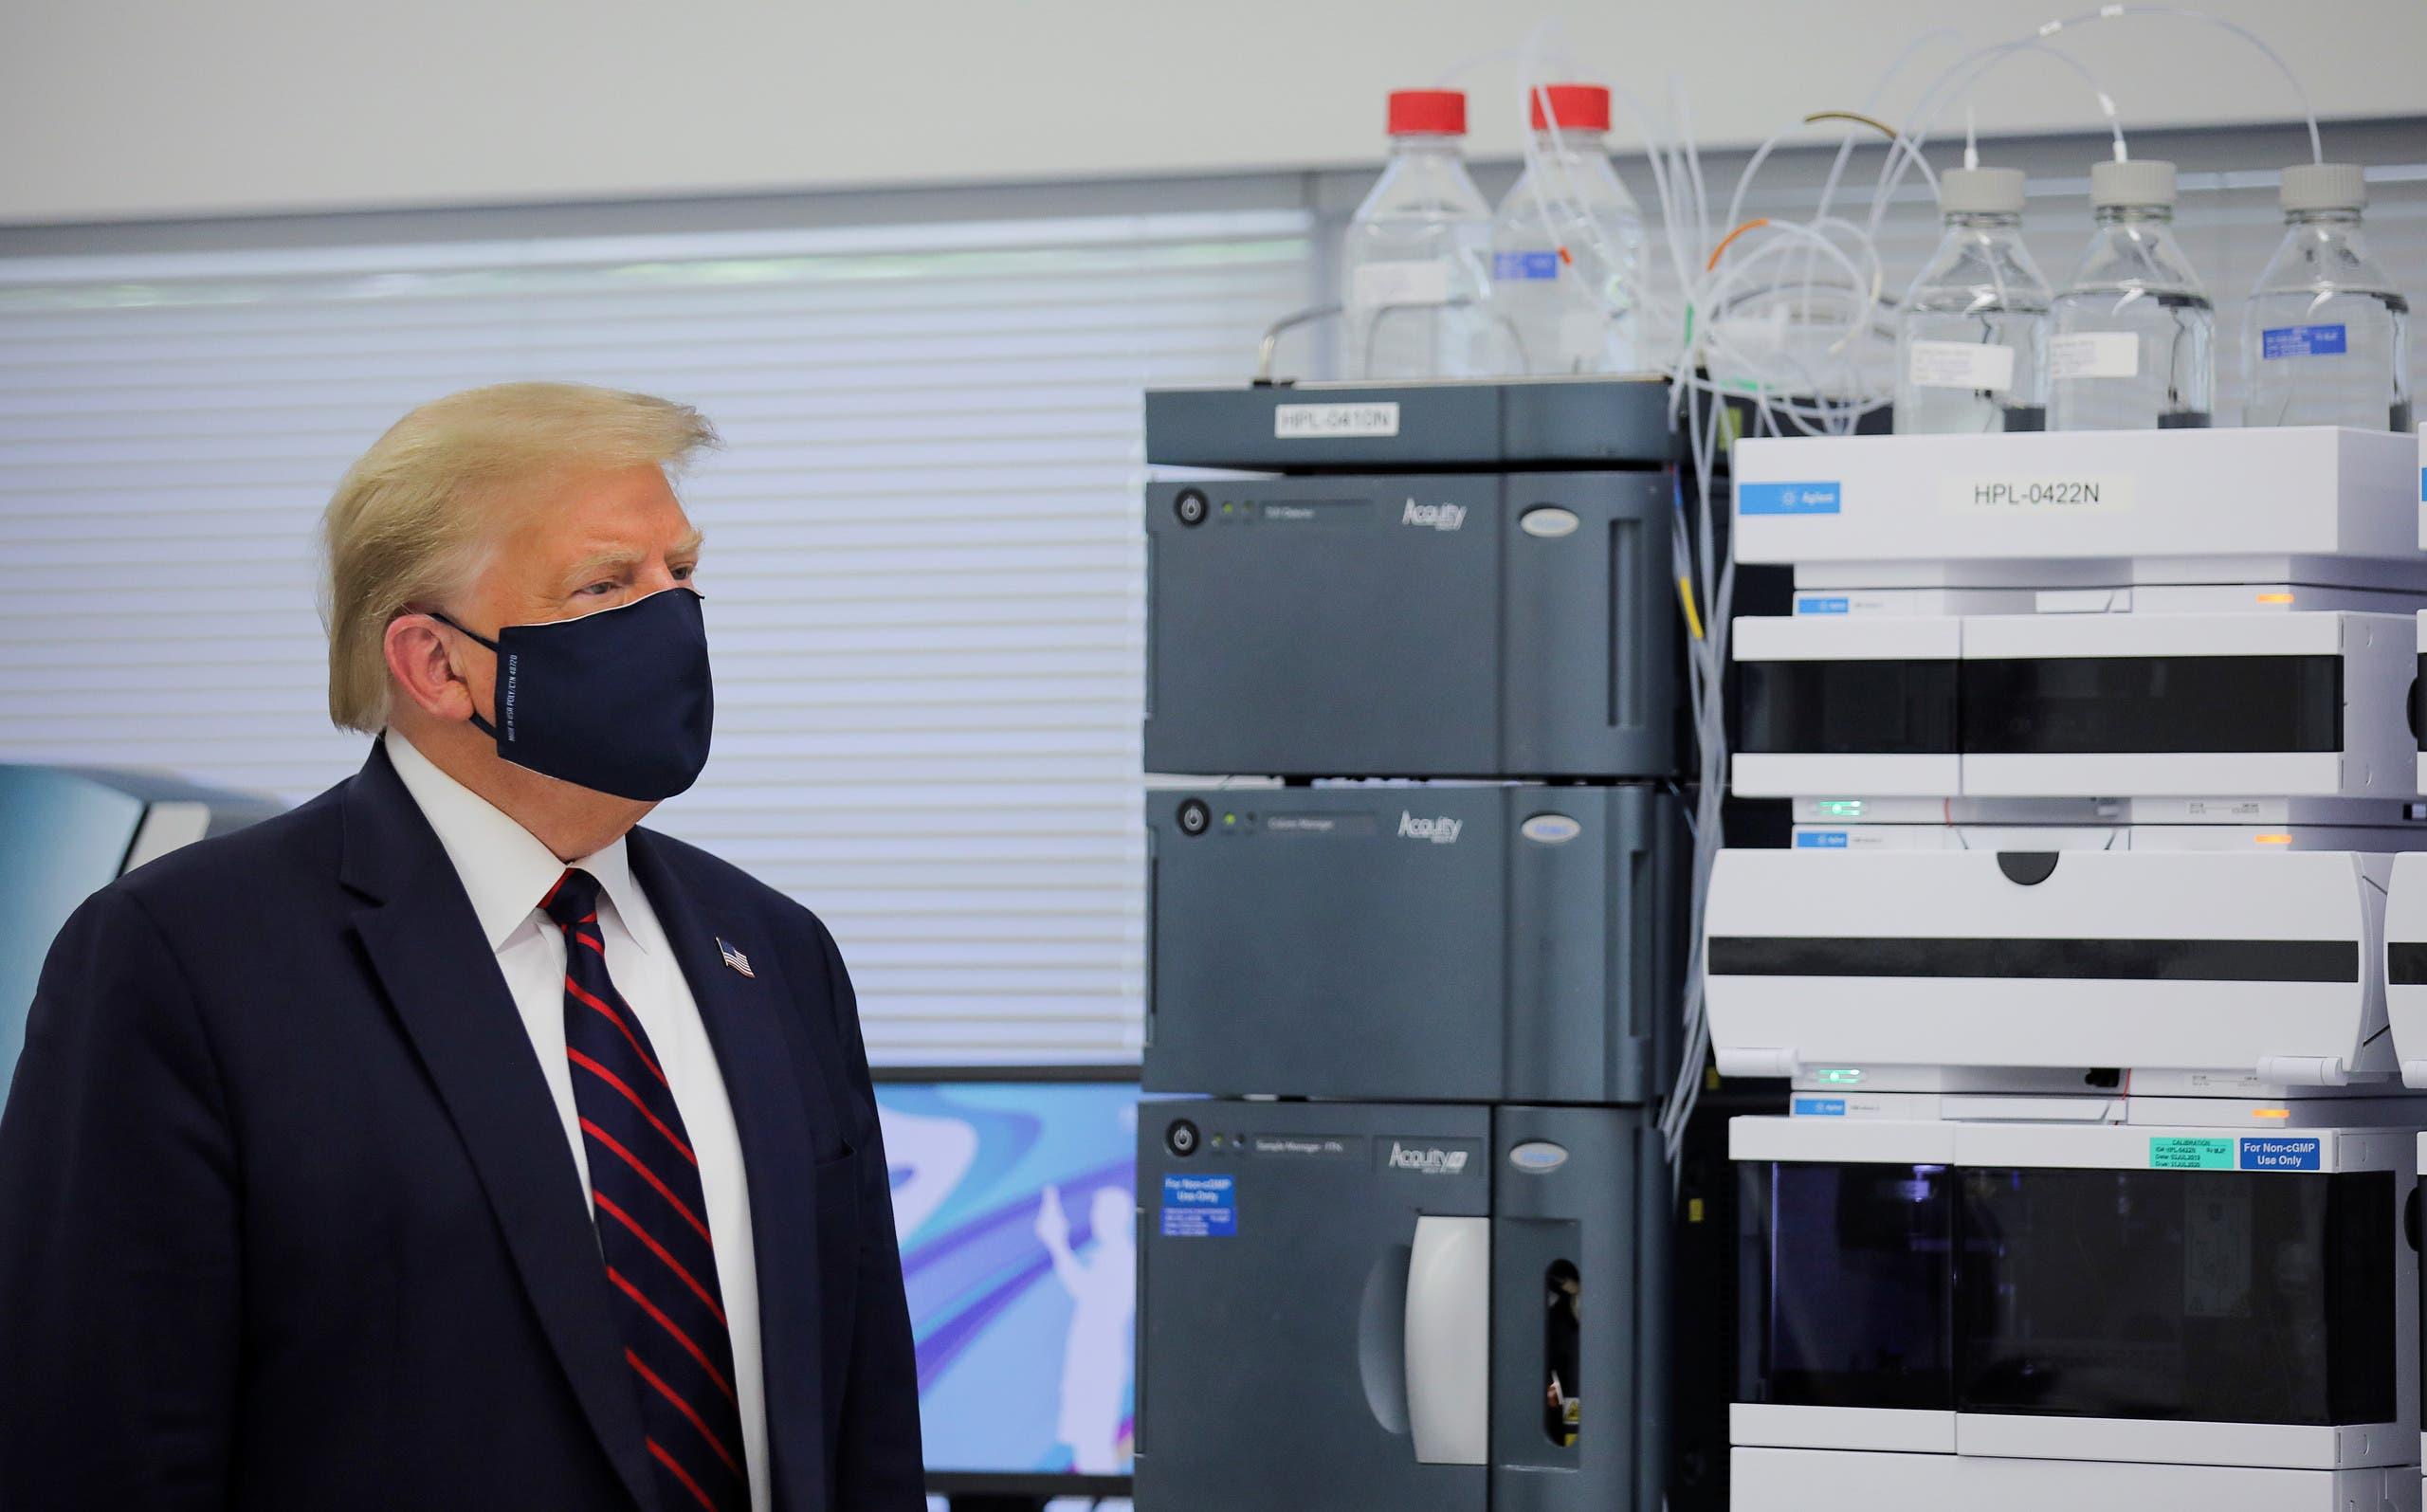 ترمب خلال زيارته لمصنع